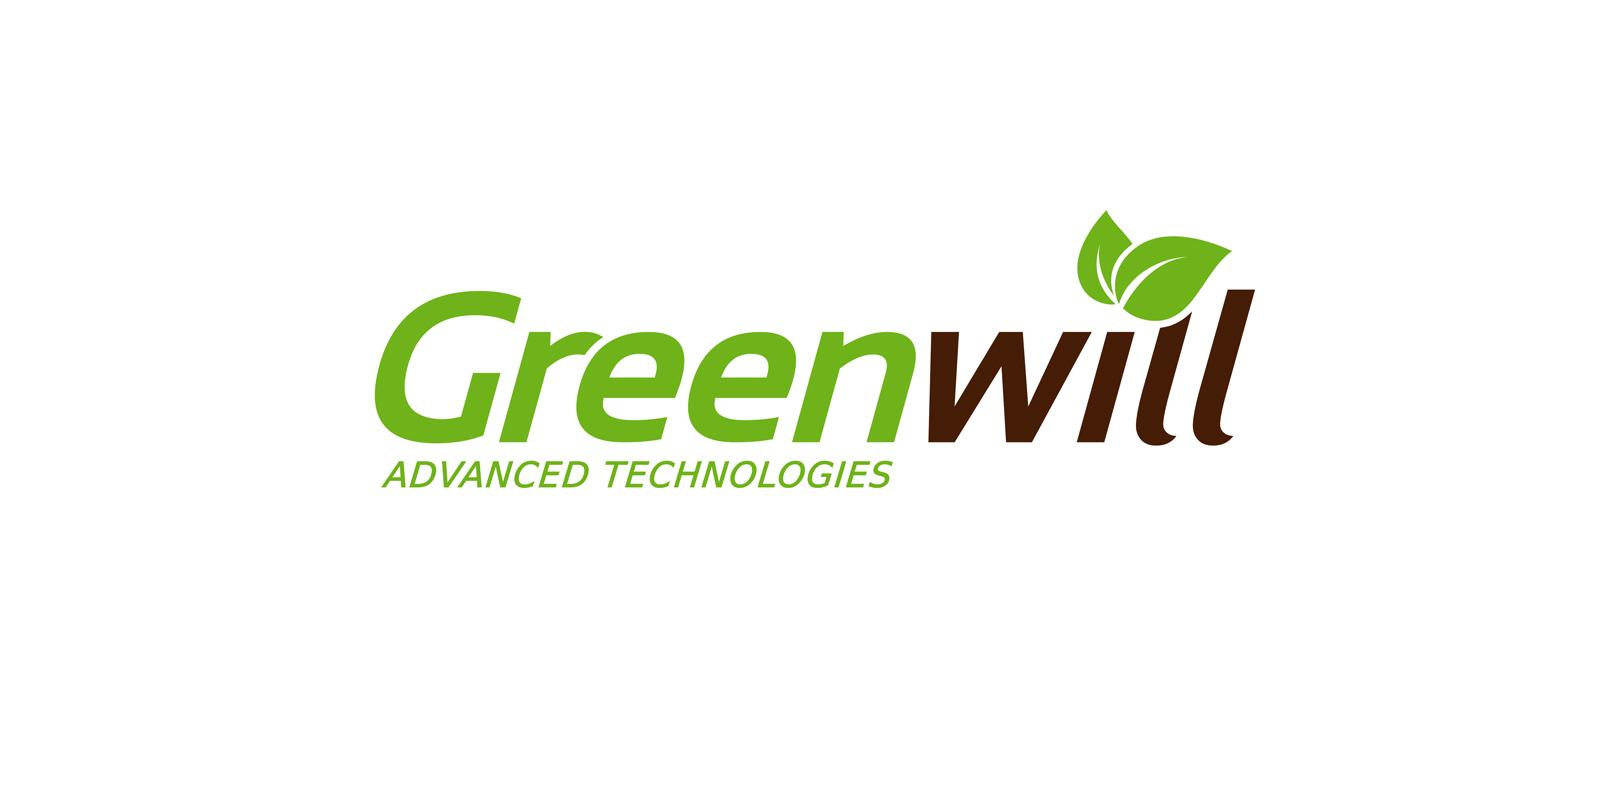 Аграрная компания Greenwill;;;;;;Разработка имени;;;;;;<span>Клиент:</span> Аграрная компания Greenwill;;;;;;;;;;;;Разработка имени;;;;;; 8 ;;;;;;